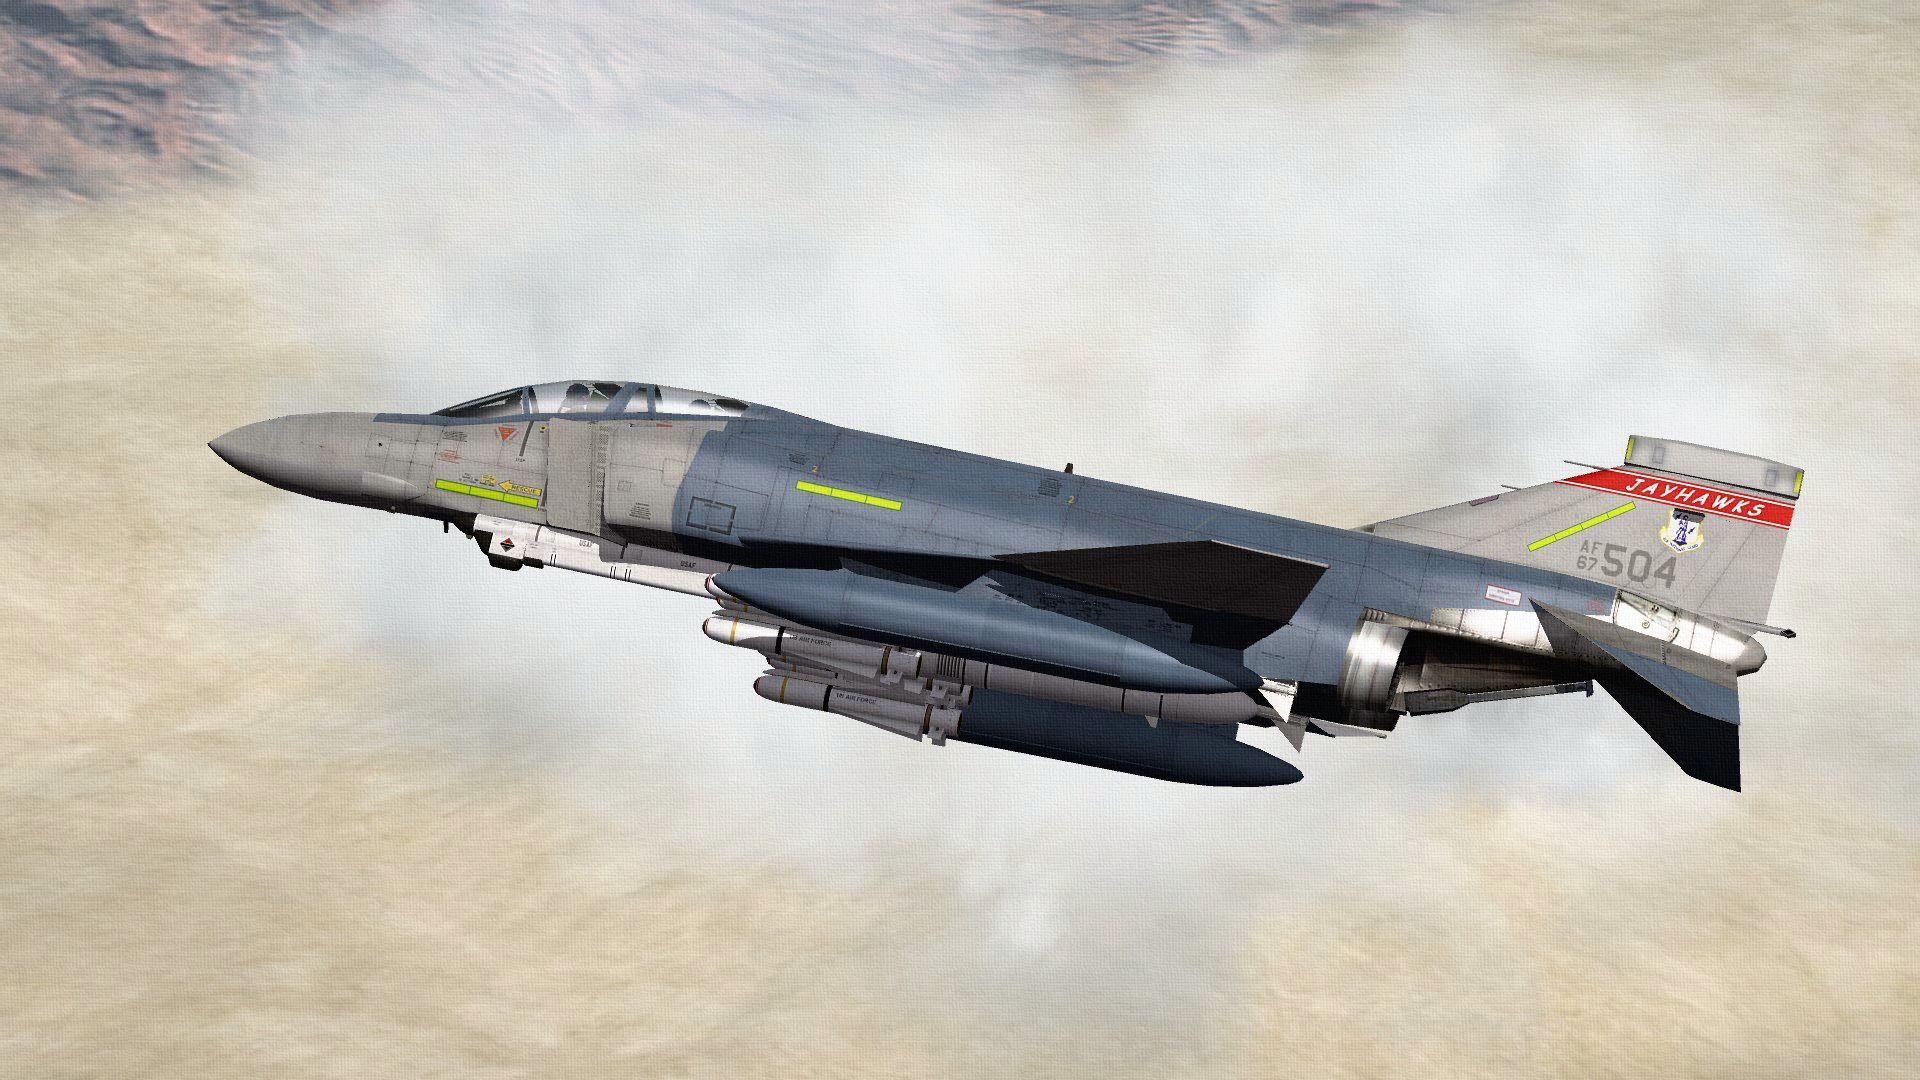 USAFF-4MPHANTOM10_zpse0d27b54.jpg